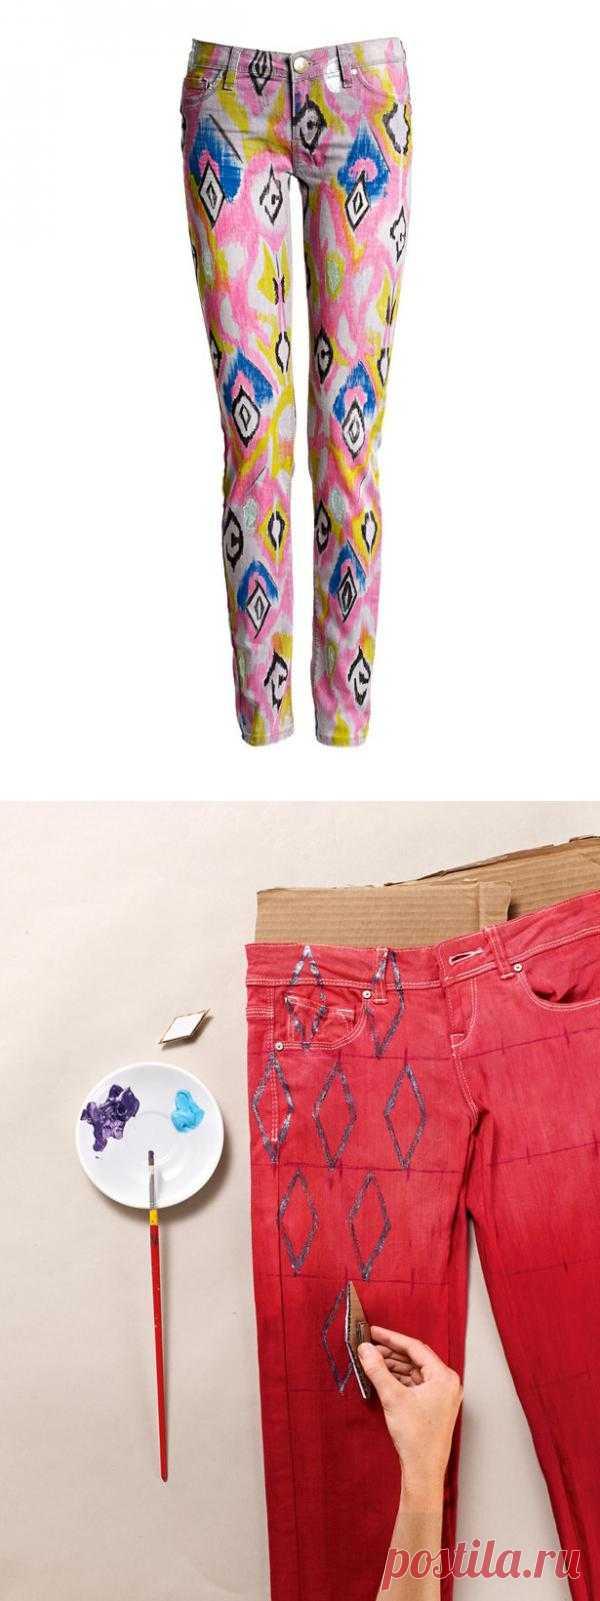 """""""Икат"""" на джинсах, ковровый рисунок или треш? (Diy) / Переделка джинсов / Модный сайт о стильной переделке одежды и интерьера"""